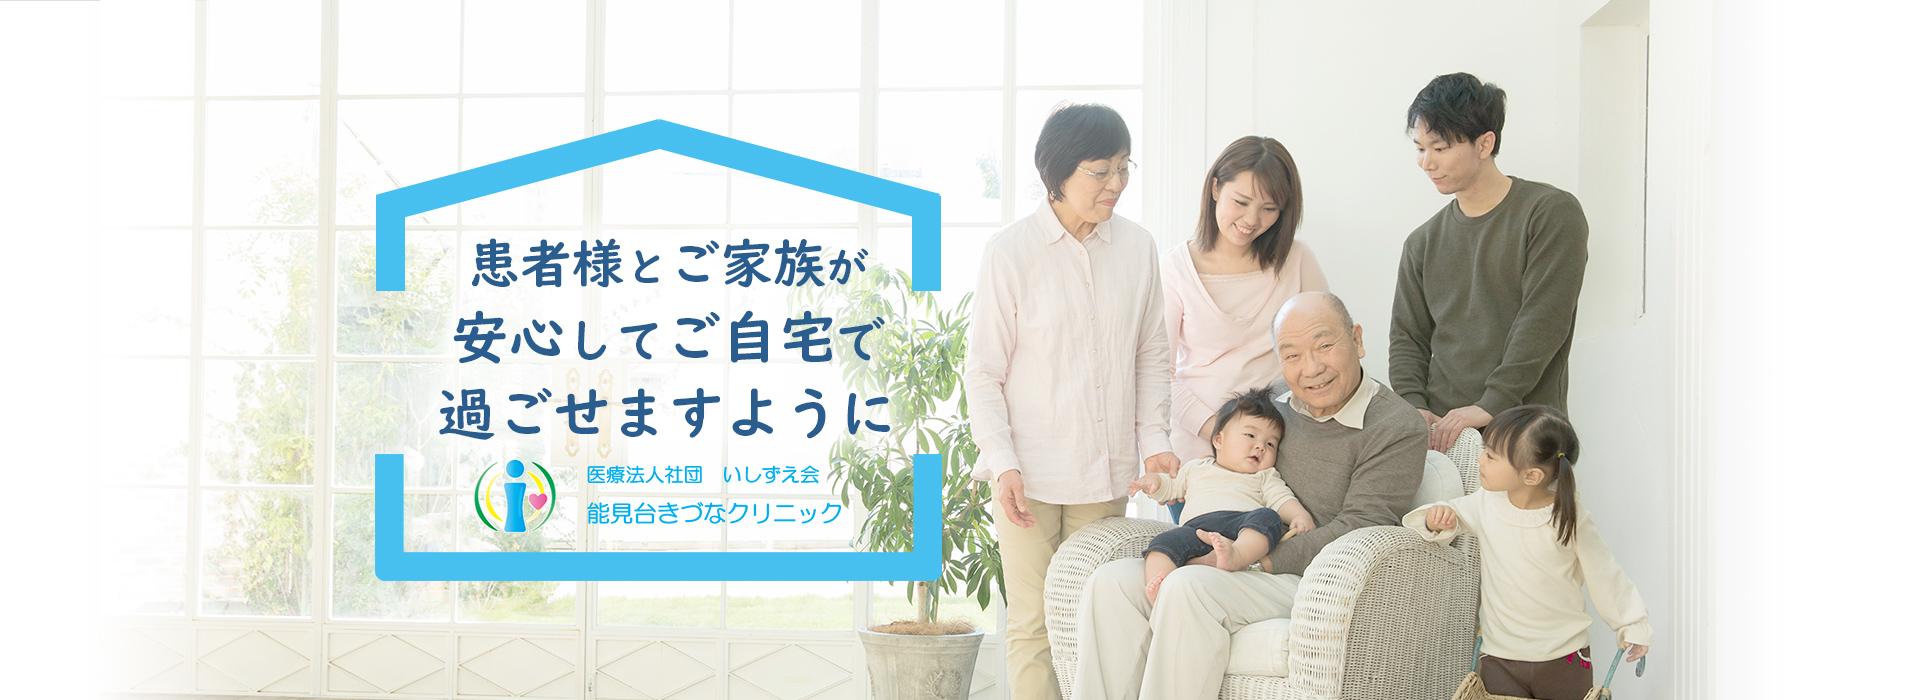 患者様とご家族が安心してご自宅で過ごせますように